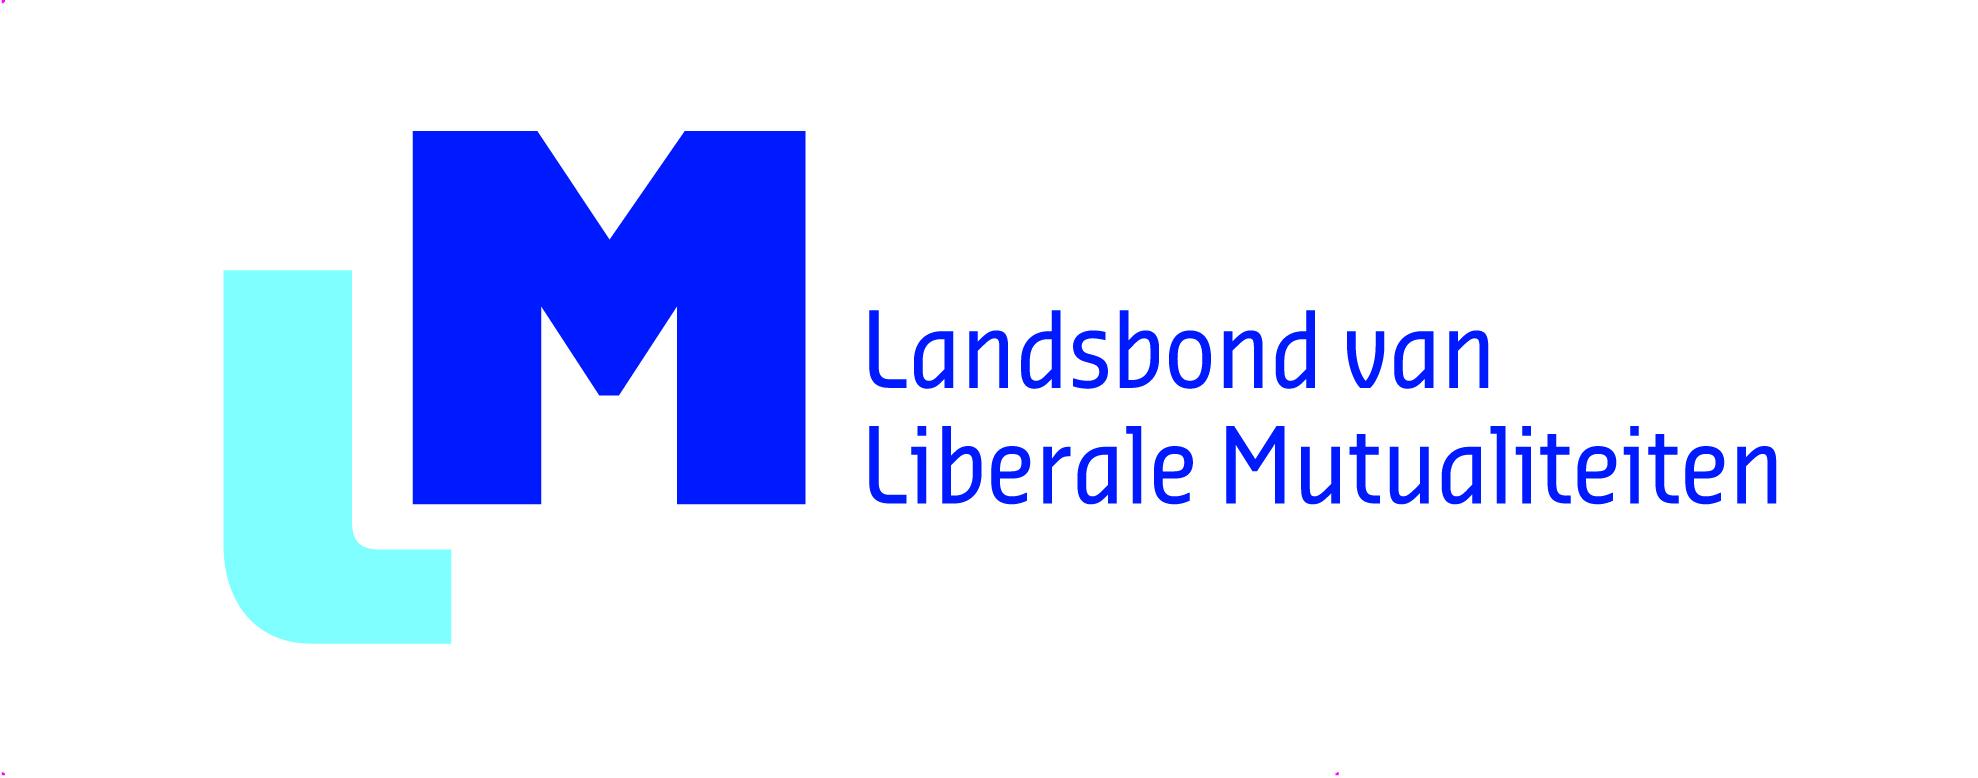 Landsbond van Liberale Mutualiteiten